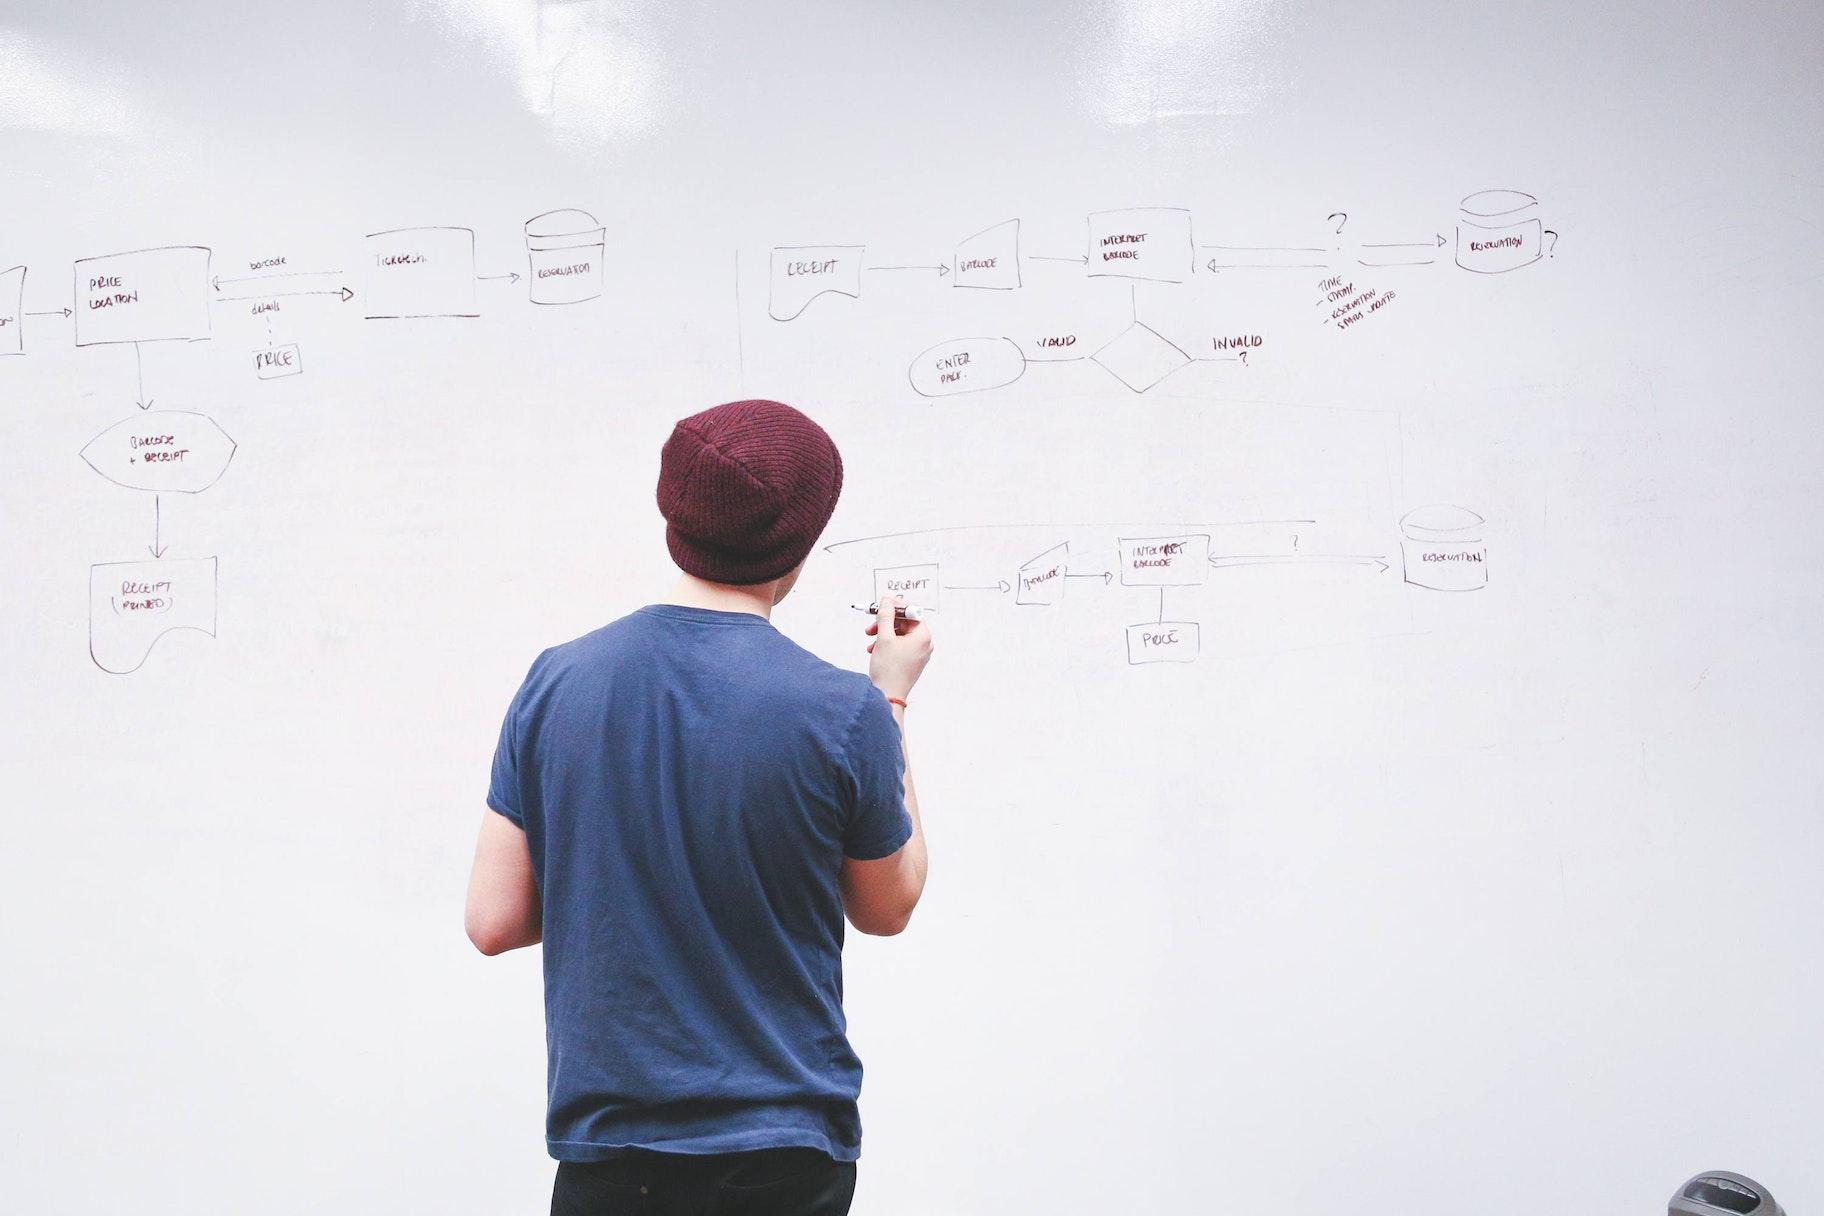 Como começar a fazer marketing pessoal: Estabeleça objetivos